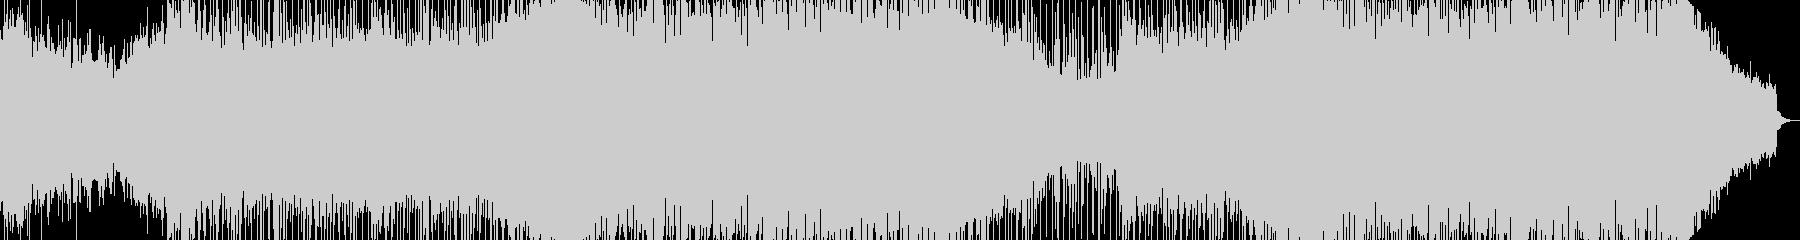 エイトビートのエレクトロ-01の未再生の波形